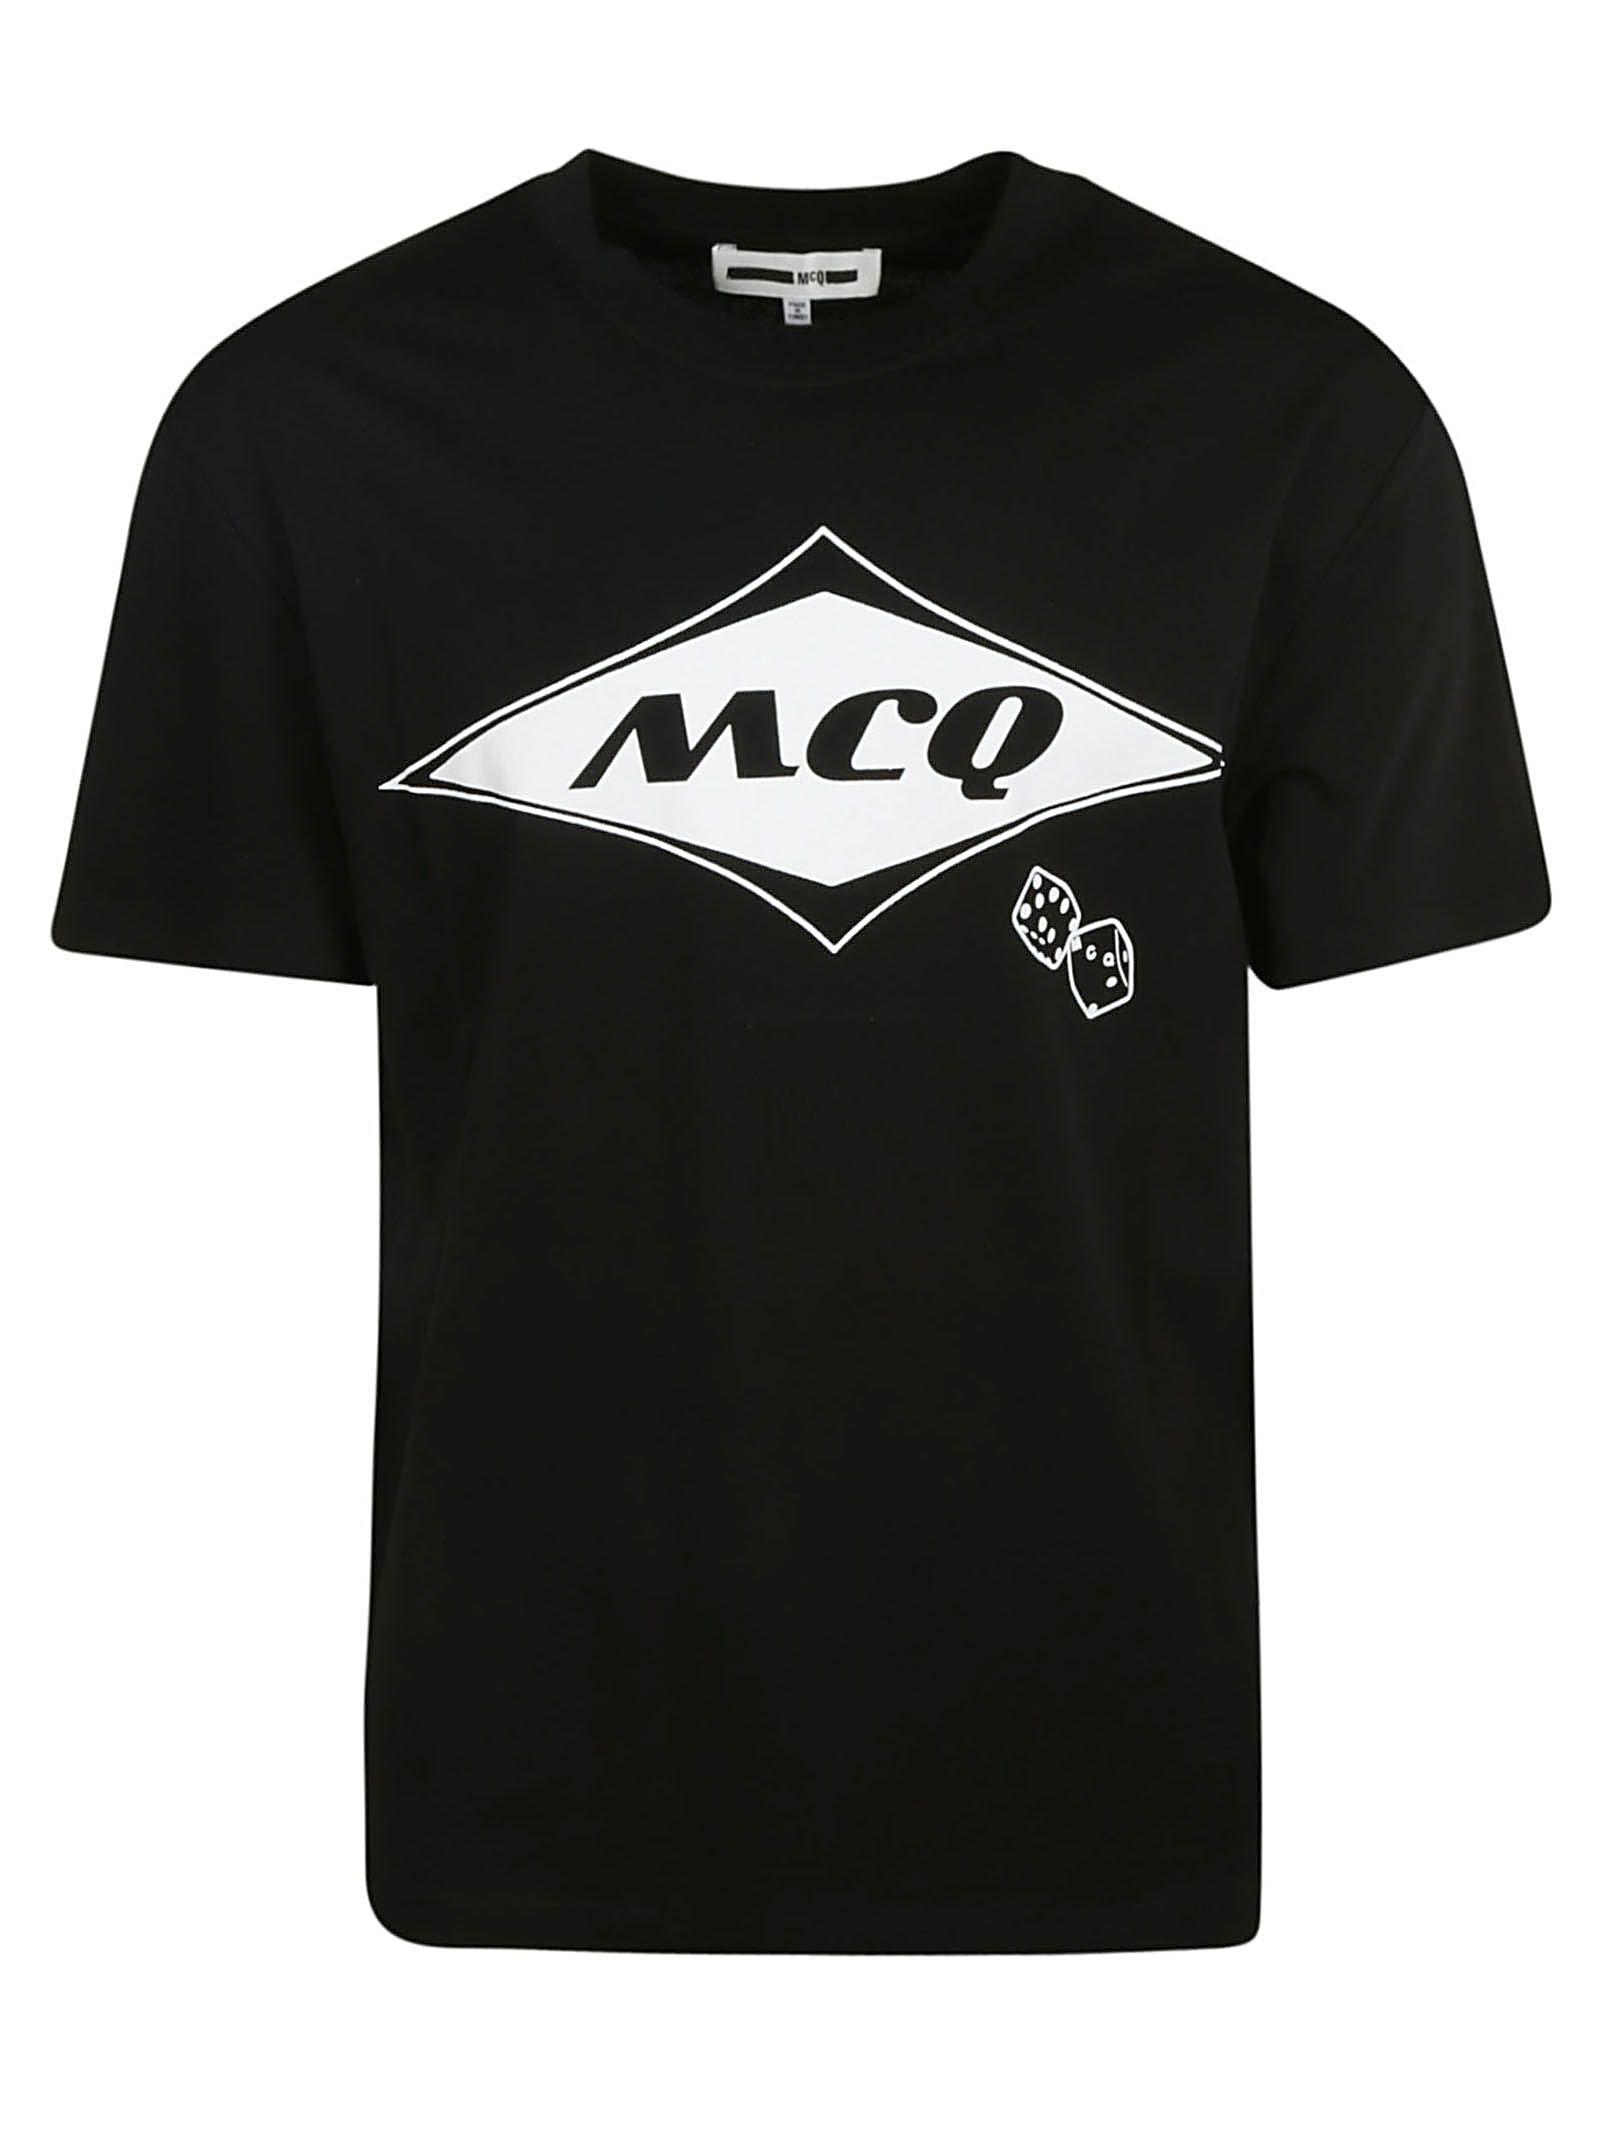 Alexander Mcqueen Mcq Logo Print T-shirt